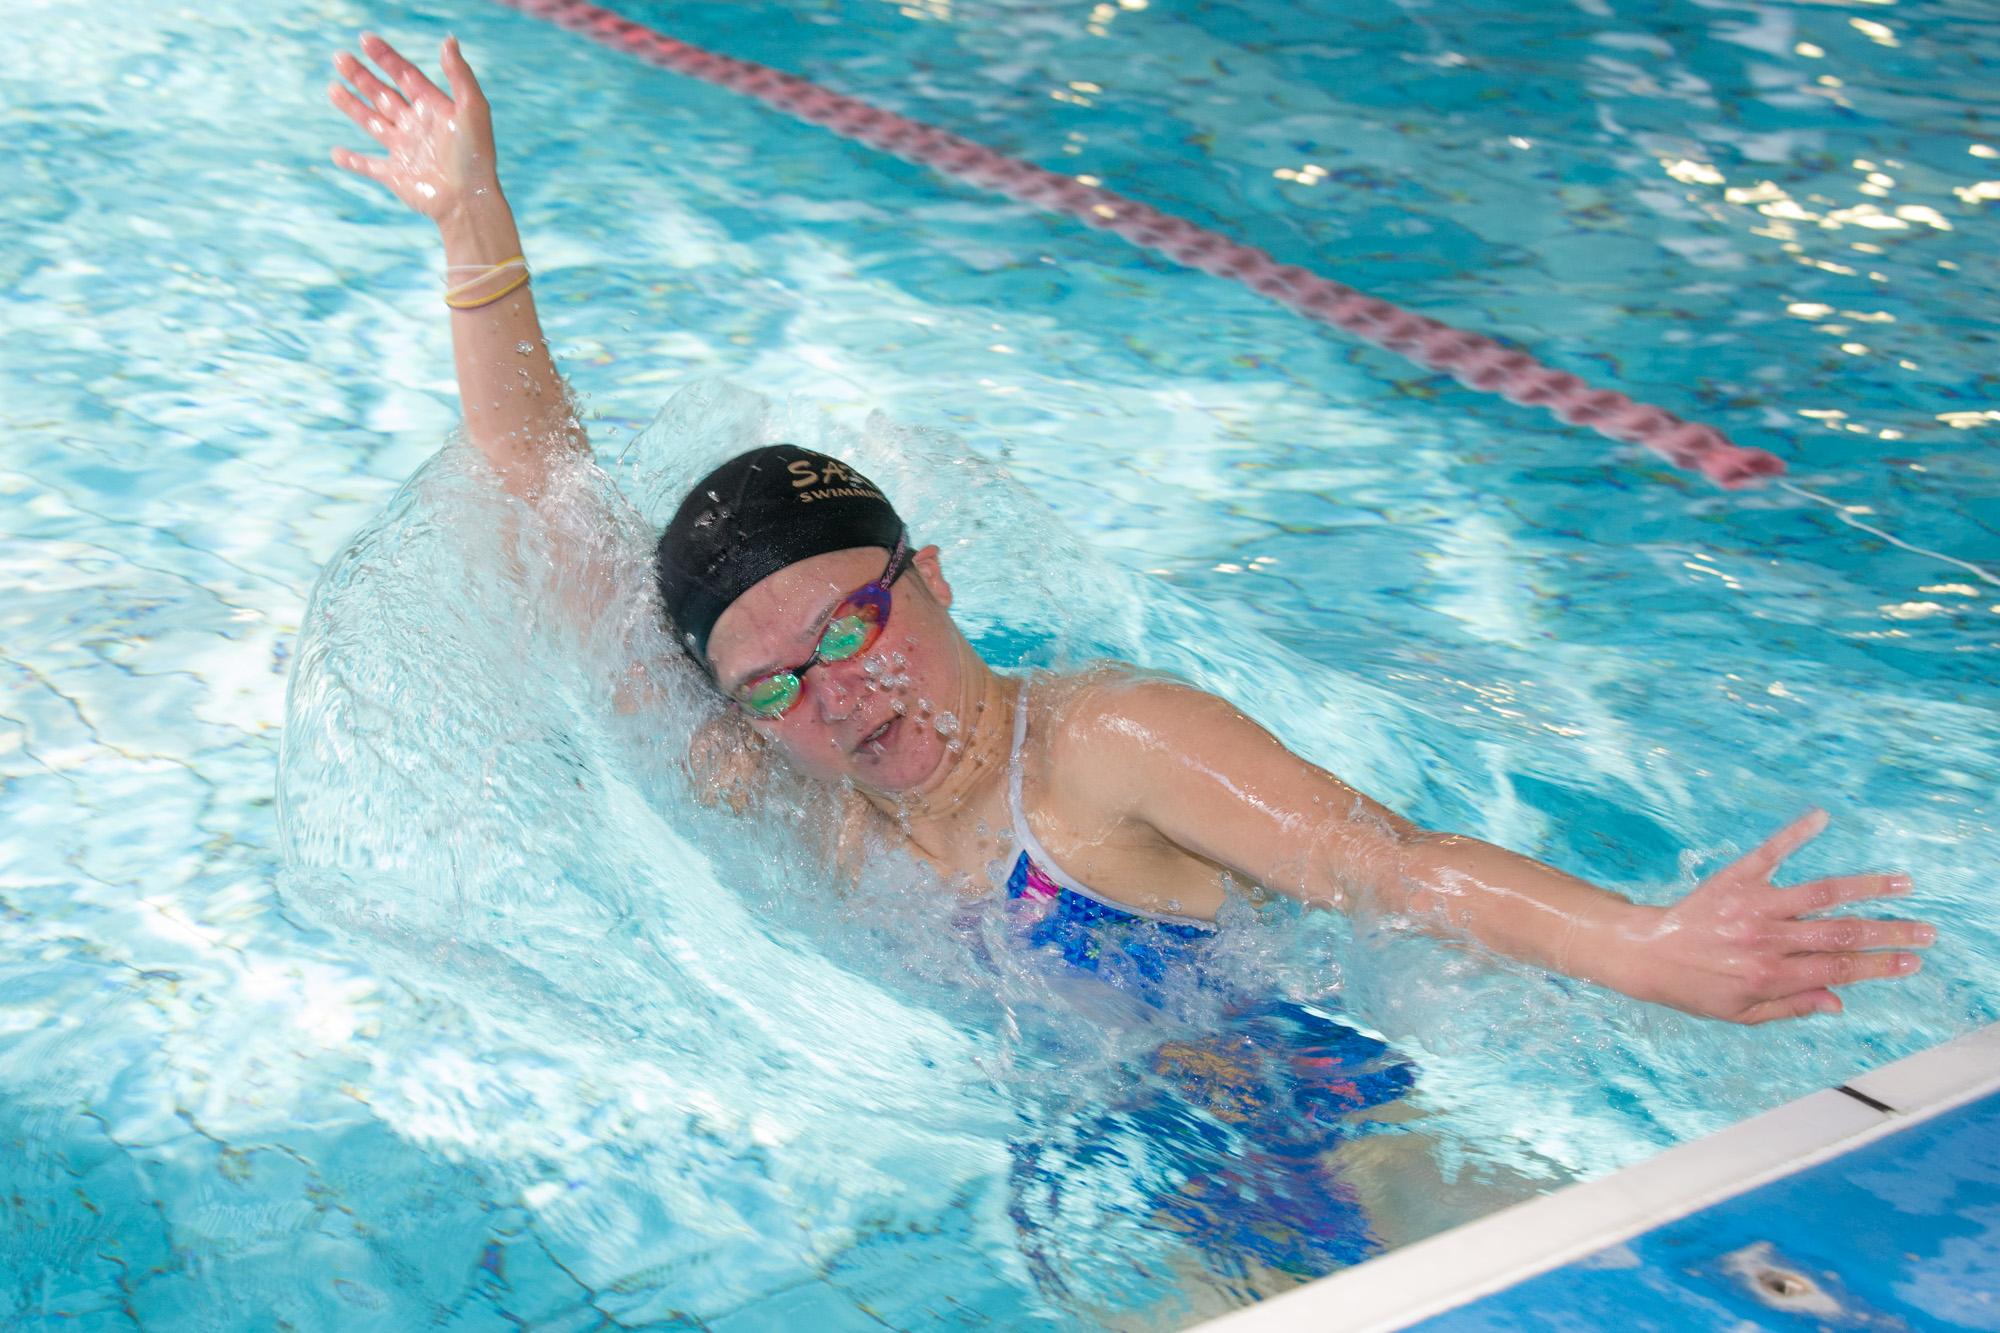 成田はひとたびプールに入ると強烈なスイッチが入る(撮影:越智貴雄)